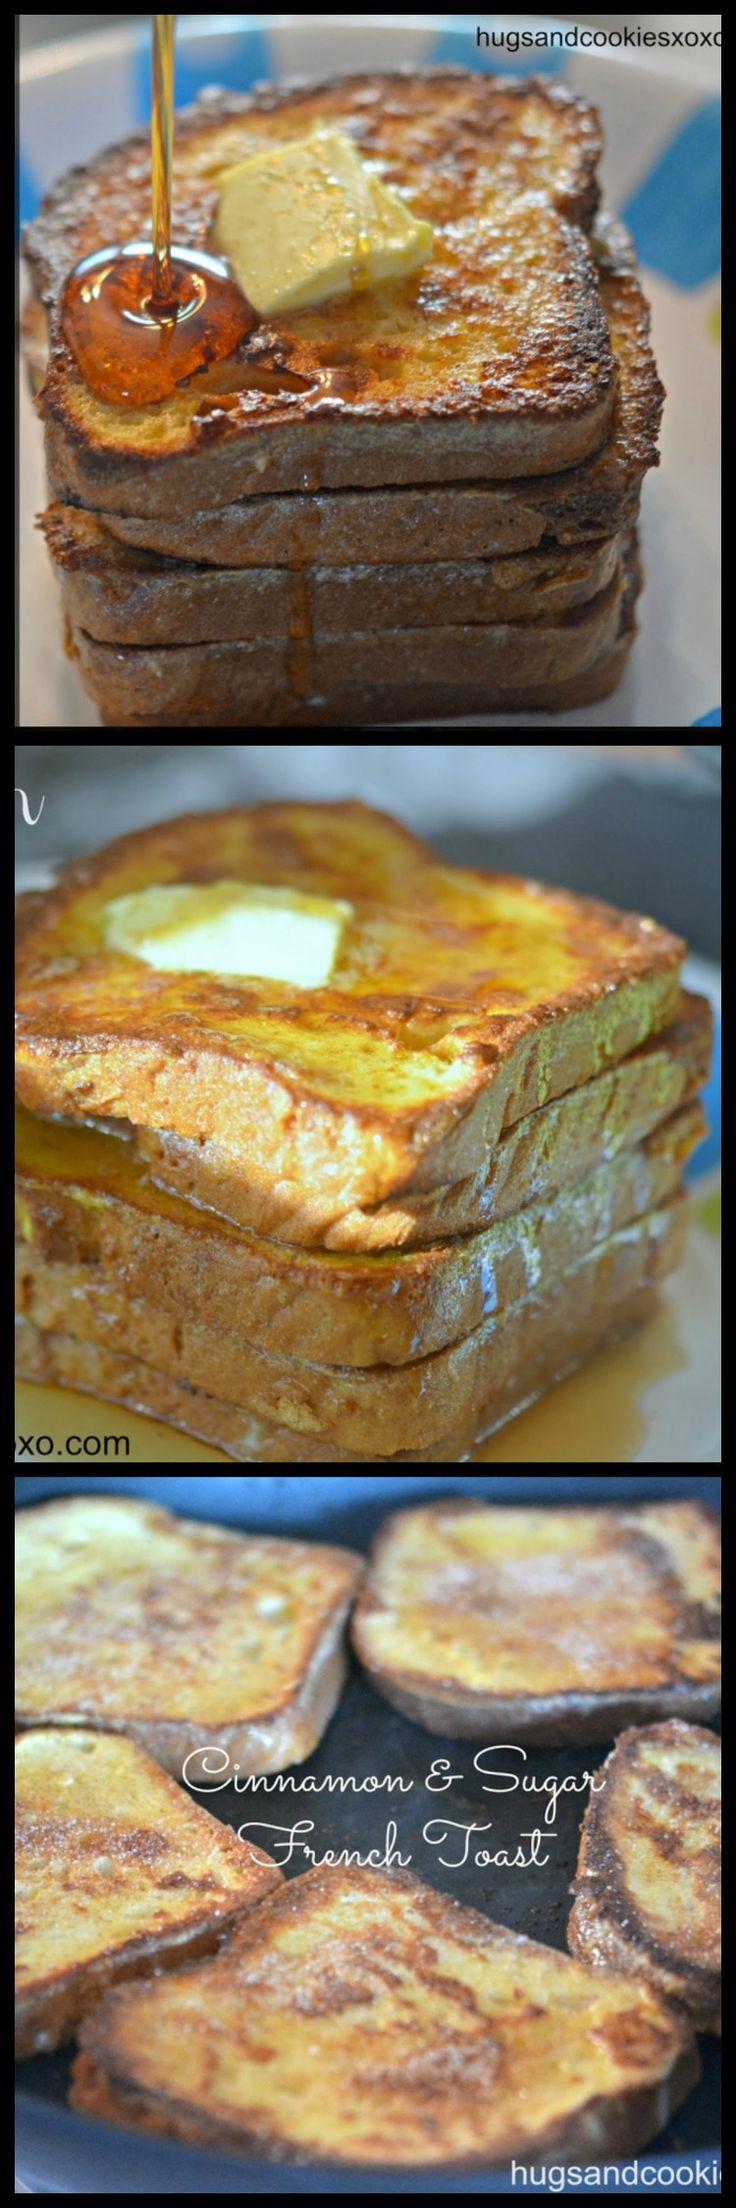 FRENCH TOAST Ингредиенты для 5 Ломтики корицы и сахара французский тост : (Двухместный для увеличения партии !!!)  масло  5 ломтиков хлеба (я использовал GF UDI в )  2 яйца , вбить в миску смешивают с 1/4 стакана сахара с корицей. Добавляем сливочное масло в сковороду . Dip хлеб окунаем в яйце / и кладем на сковороду . Сразу посыпать корицей / сахара смесь на ломтики . Когда низ коричневые, переворачивать и дать еще один посыпать на cinn / сахара . Подавать со сливочным маслом , кленовым…